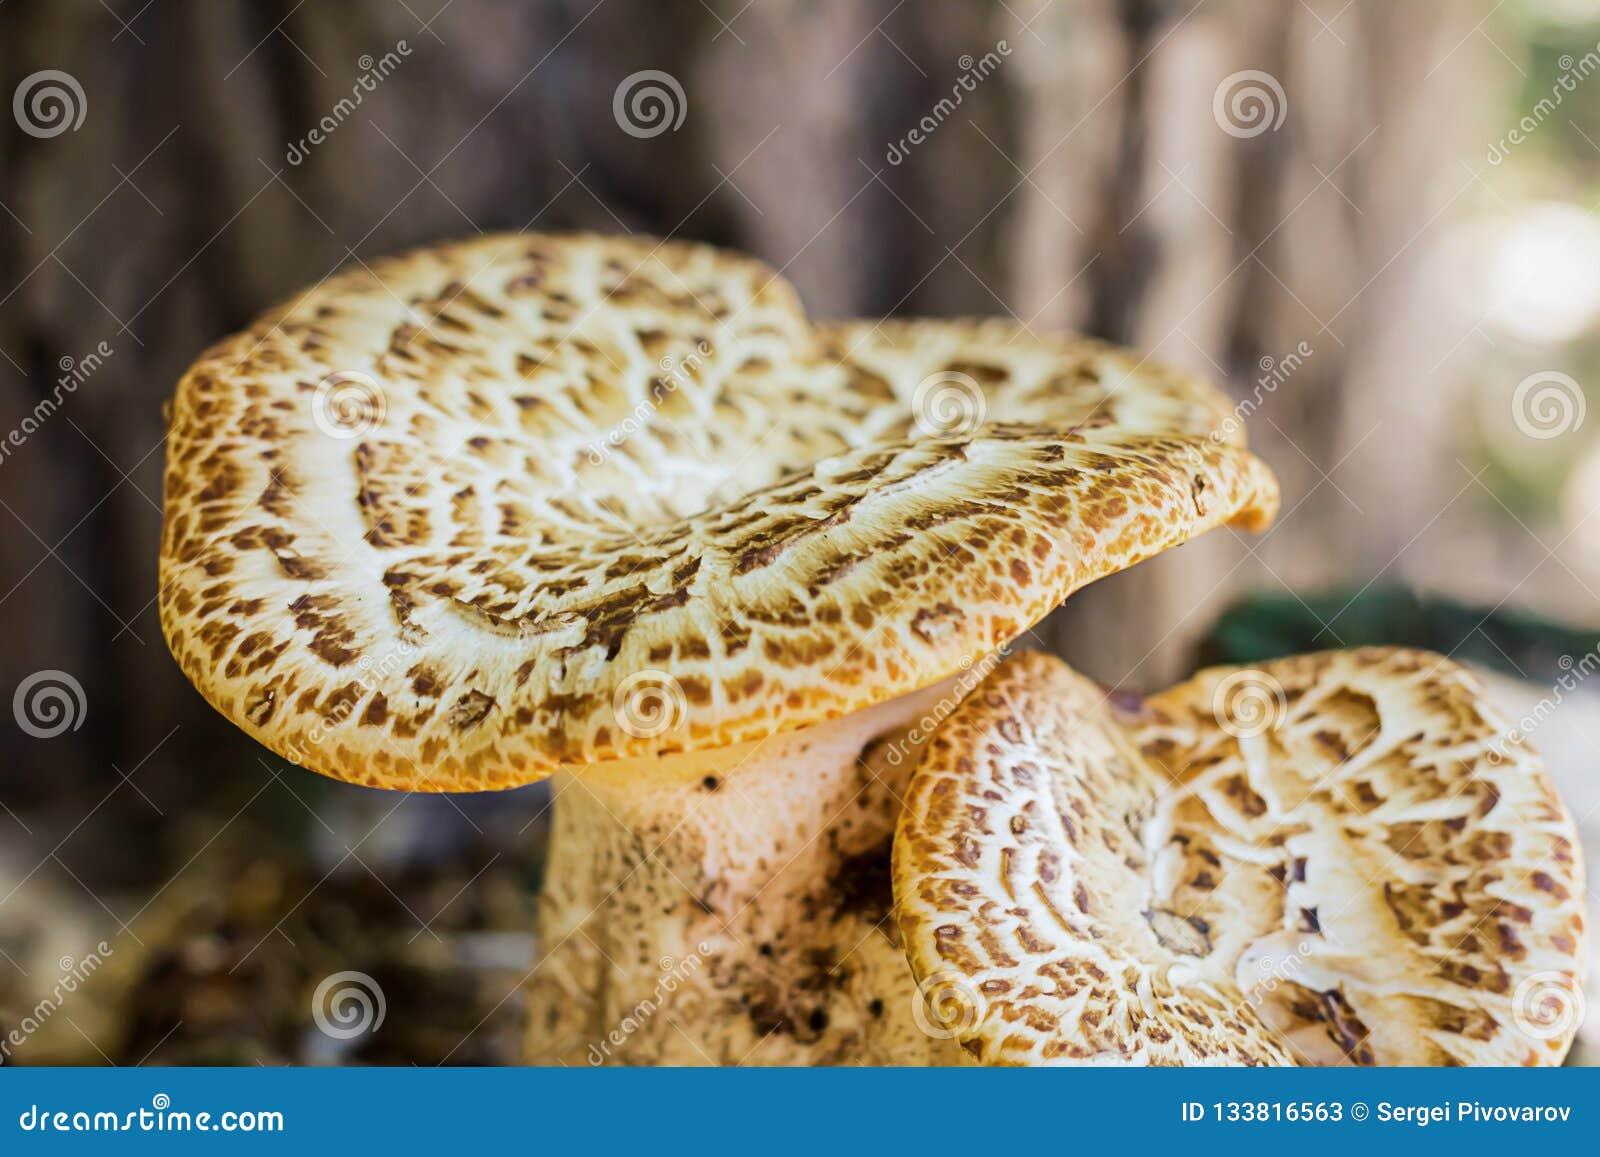 Accoppi del cappello ondulato del primo piano di chaga dei funghi con la foresta non commestibile marrone del fondo della pianta